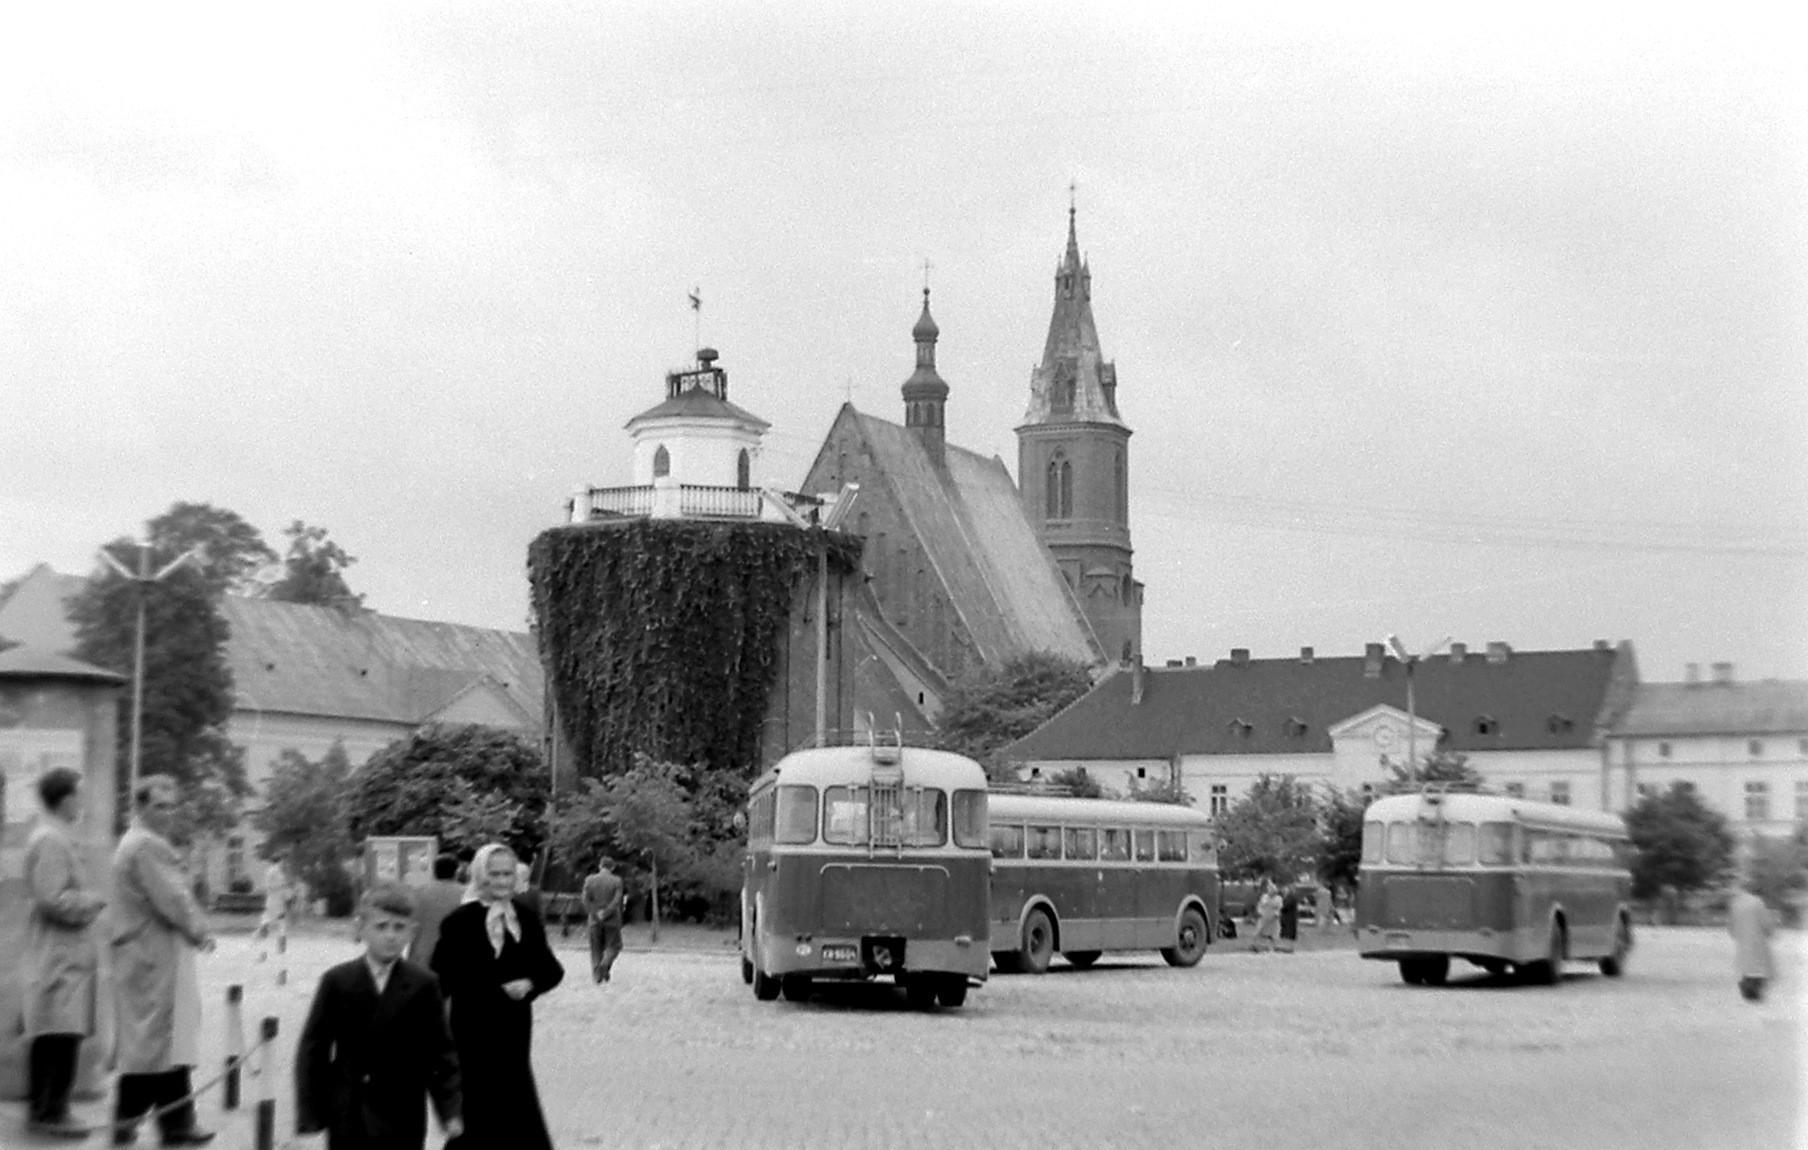 W pobliżu wieży ciśnień znajdował się przystanek autobusowy, dlatego na jej tle przez wiele lat można było zobaczyć charakterystyczne i kultowe autobusy Fiat 682 RN2 z kierownicą po prawej stronie. Zdjęcie zostało wykonane przez Jana Nosowicza około roku 1962.